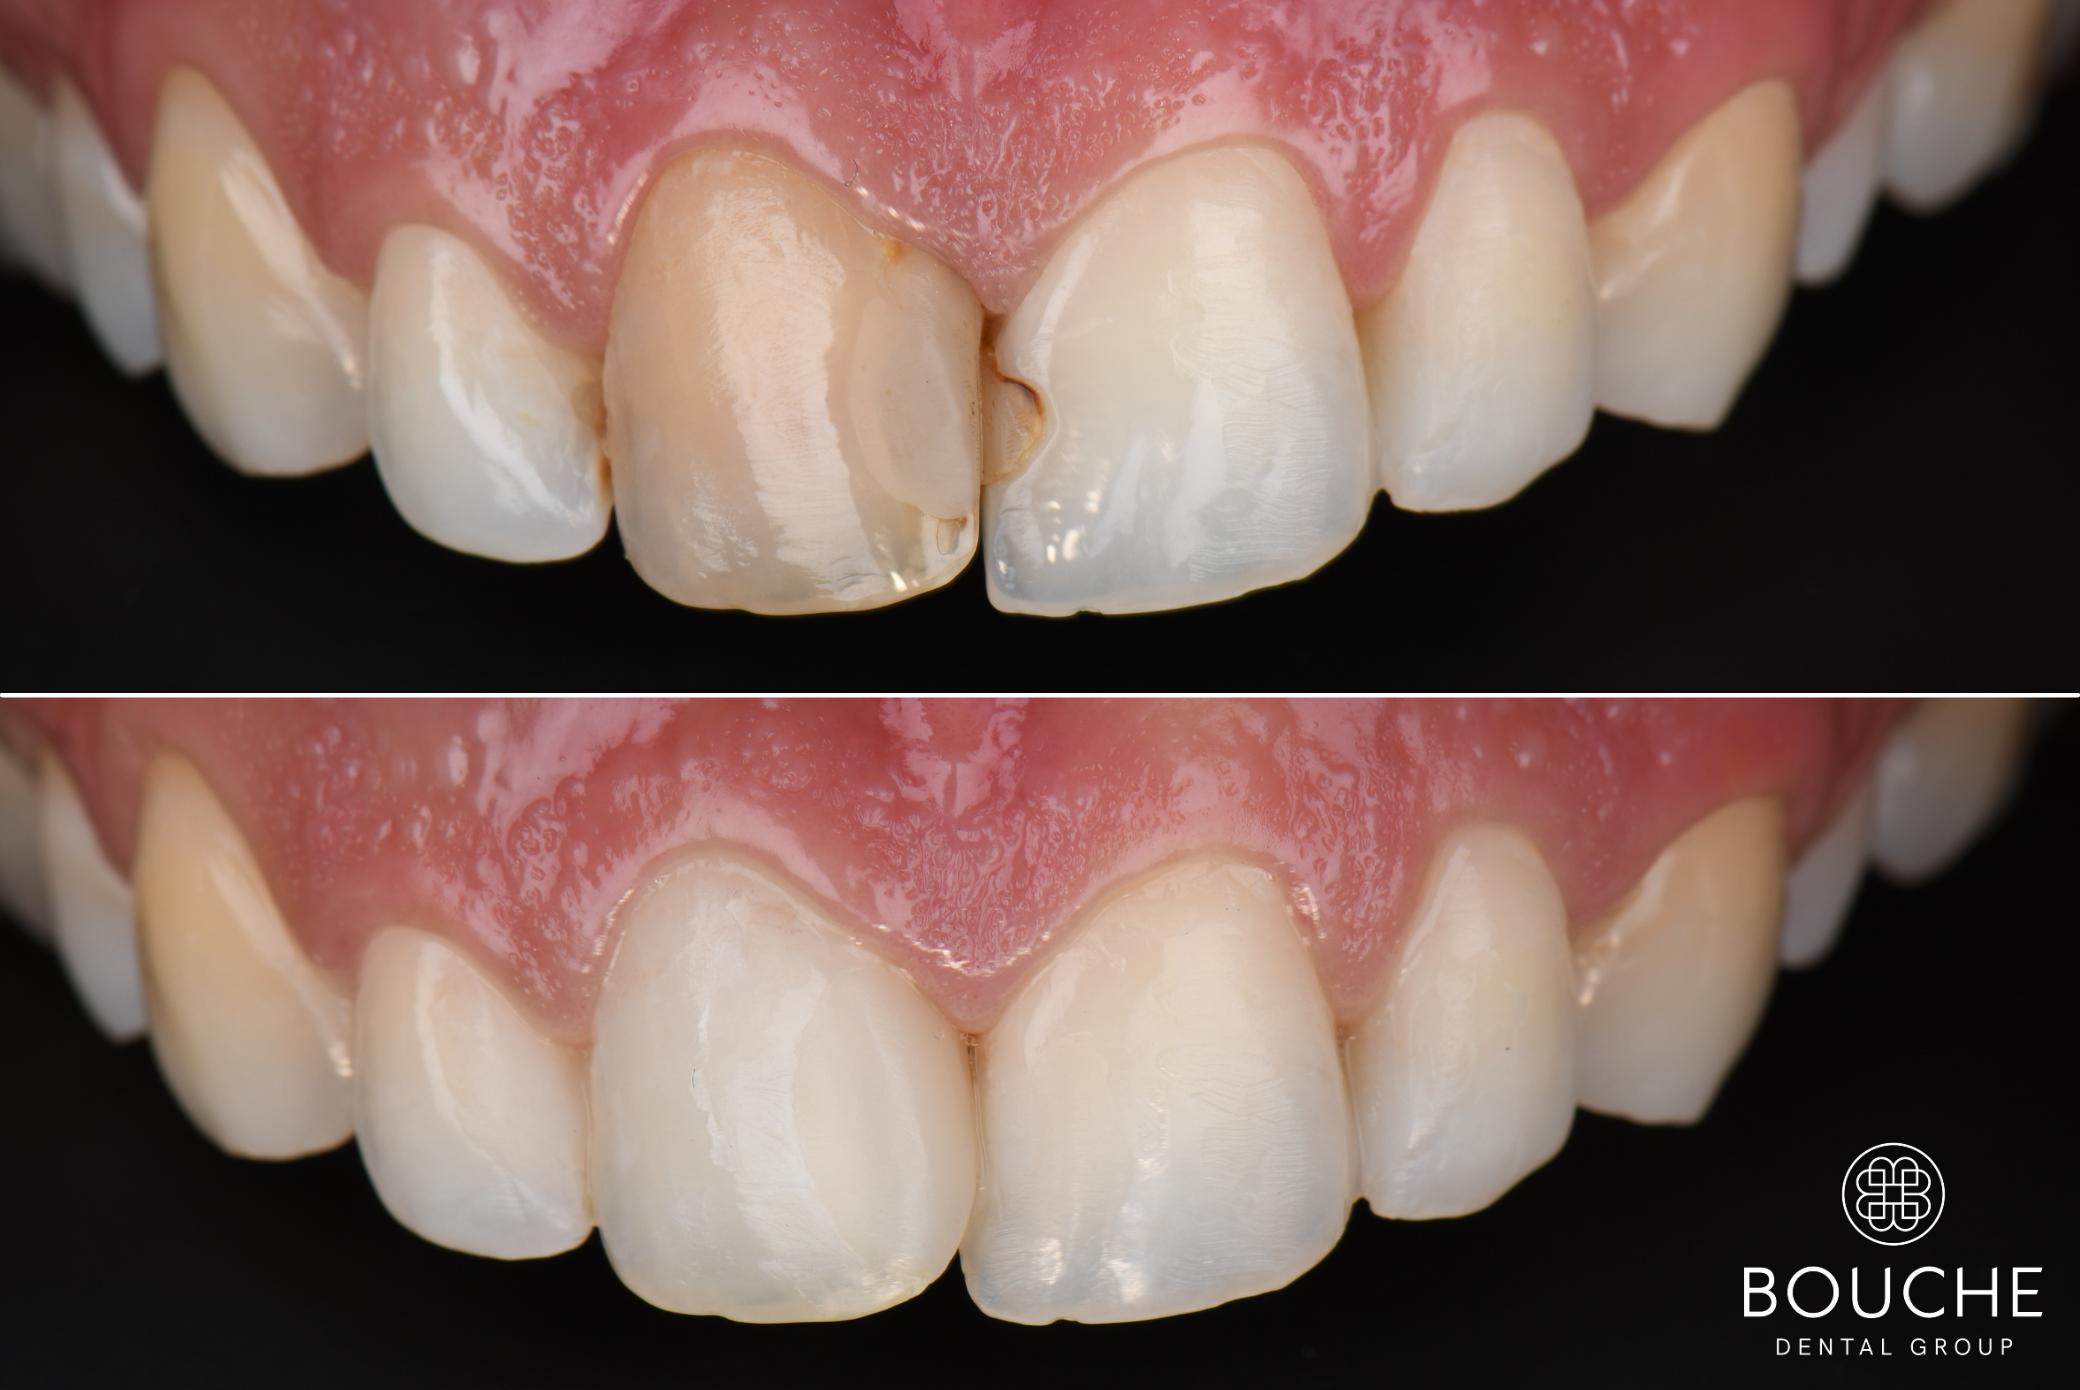 cor dos dentes bouche dental group